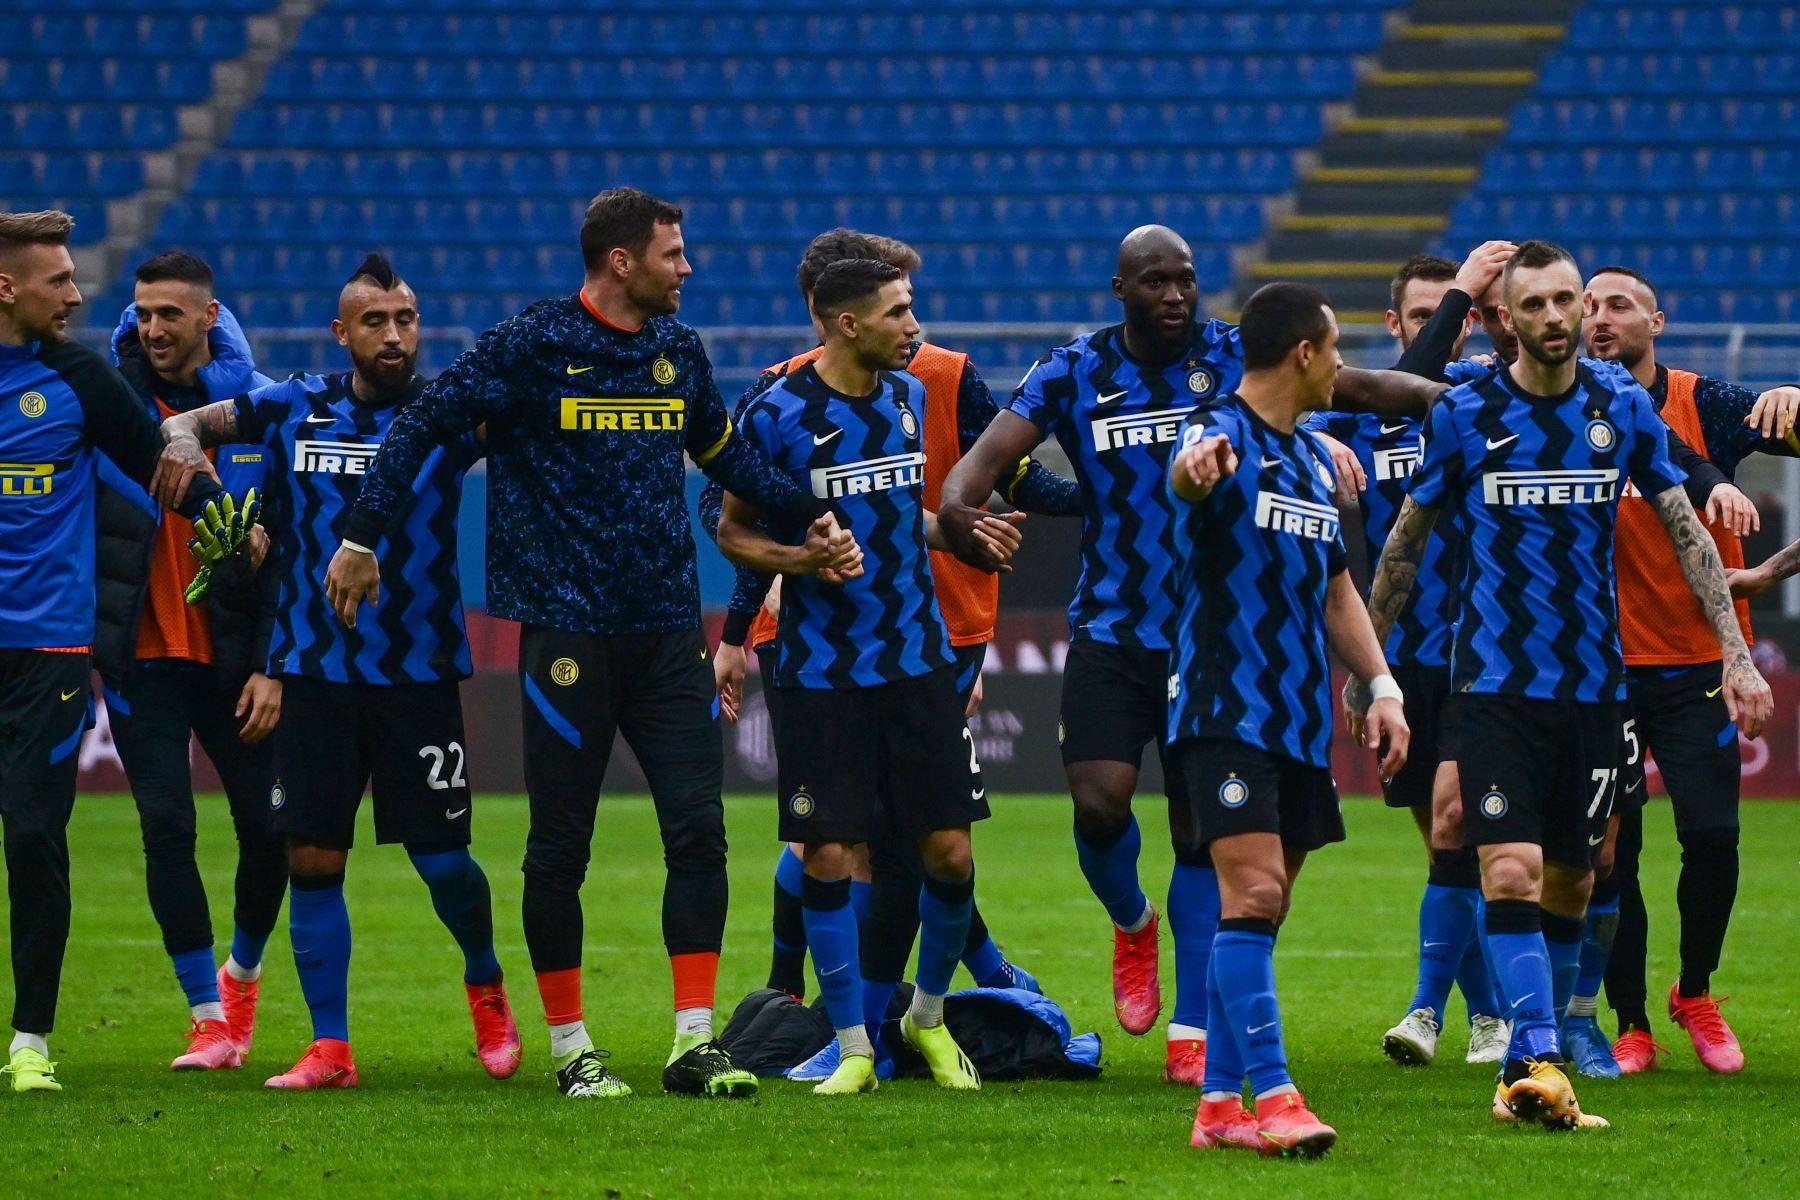 Los jugadores del Inter celebran la victoria al final del partido de fútbol de la Serie A italiana AC Milán vs Inter de Milán. Foto: AFP